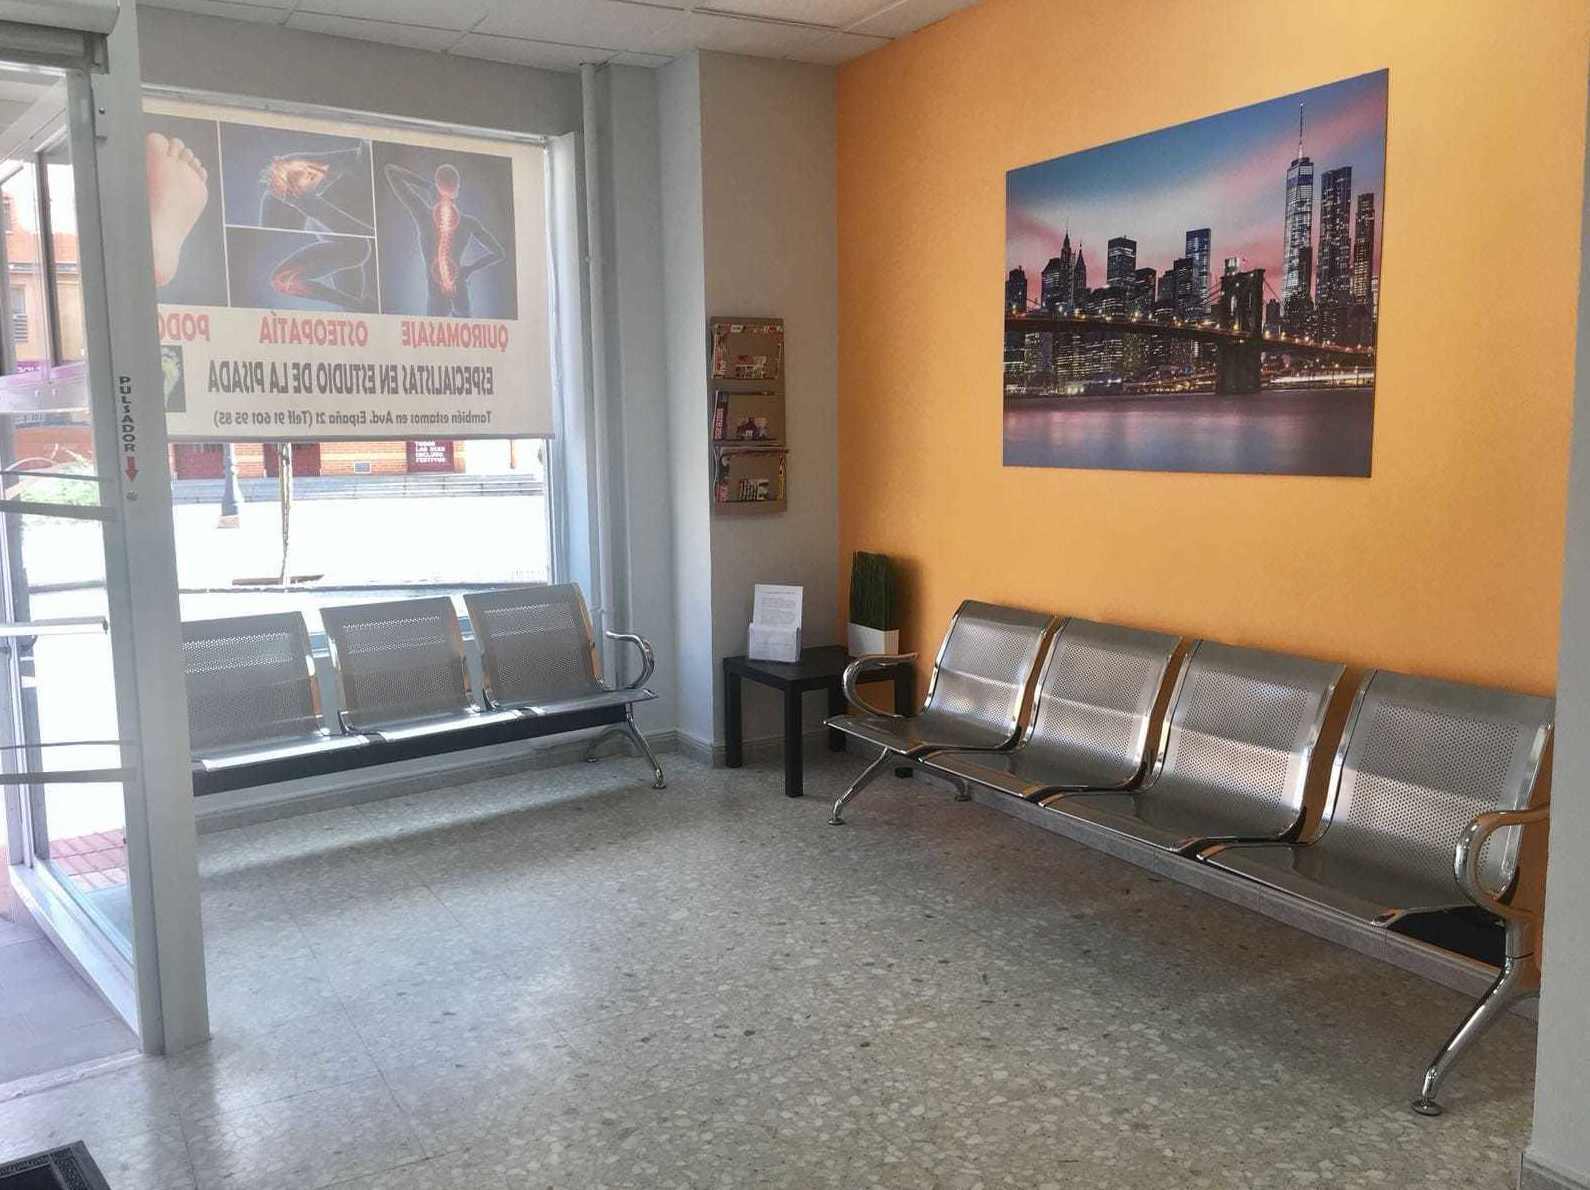 Centro podológico Getafe